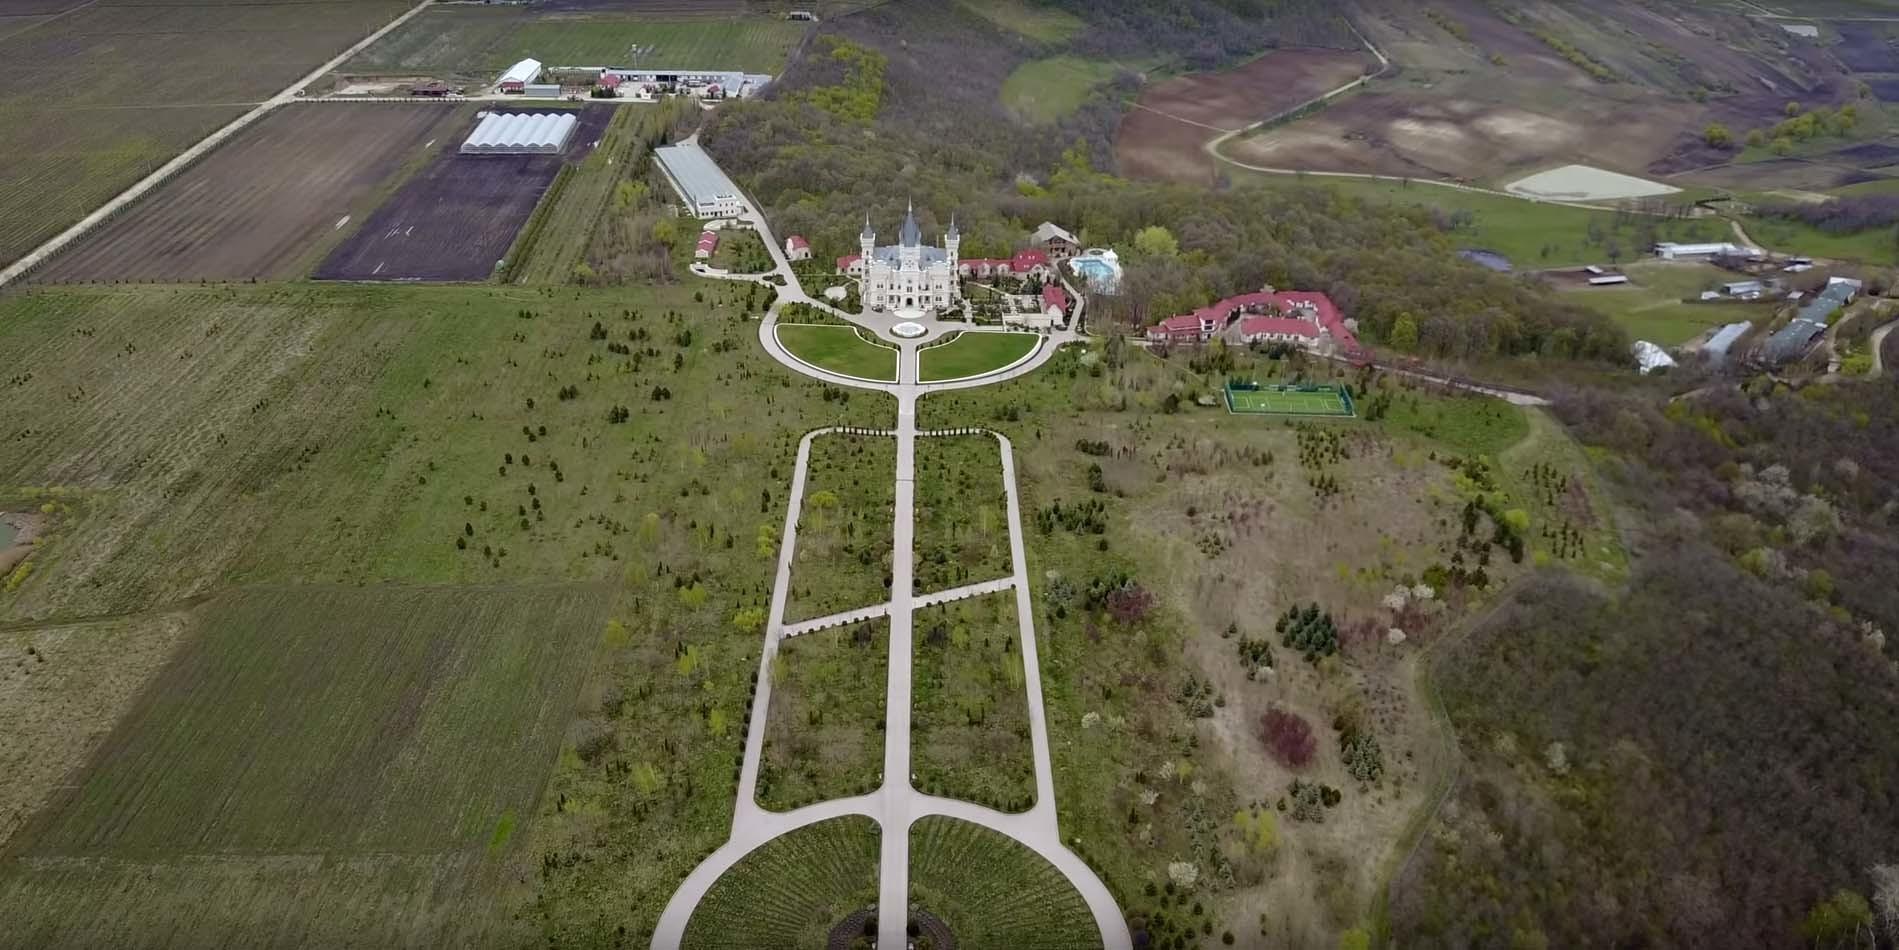 Palatul din Moldova al lui Stati se află pe un domeniu impresionant, de mai multe hectare